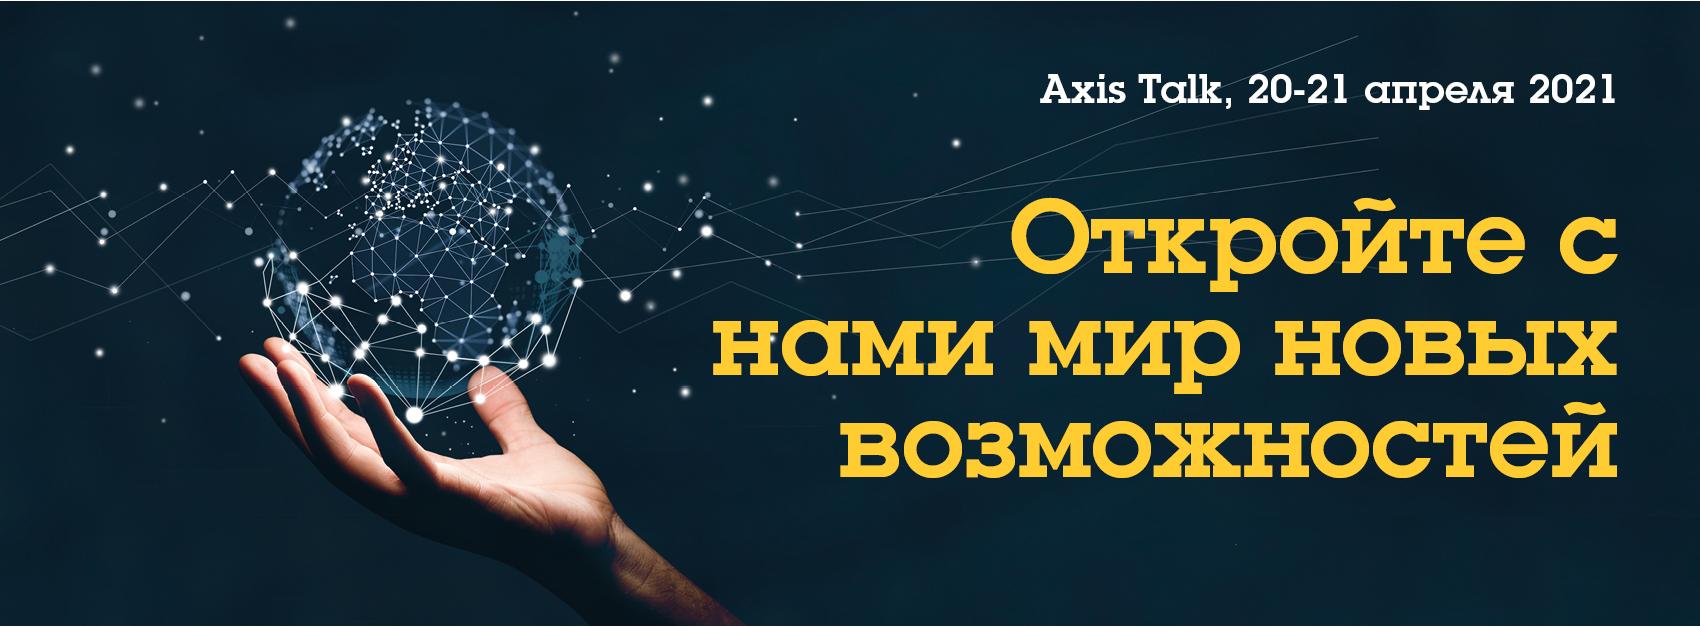 emea_axis_talk_newsroom_1700x627_ru_2103